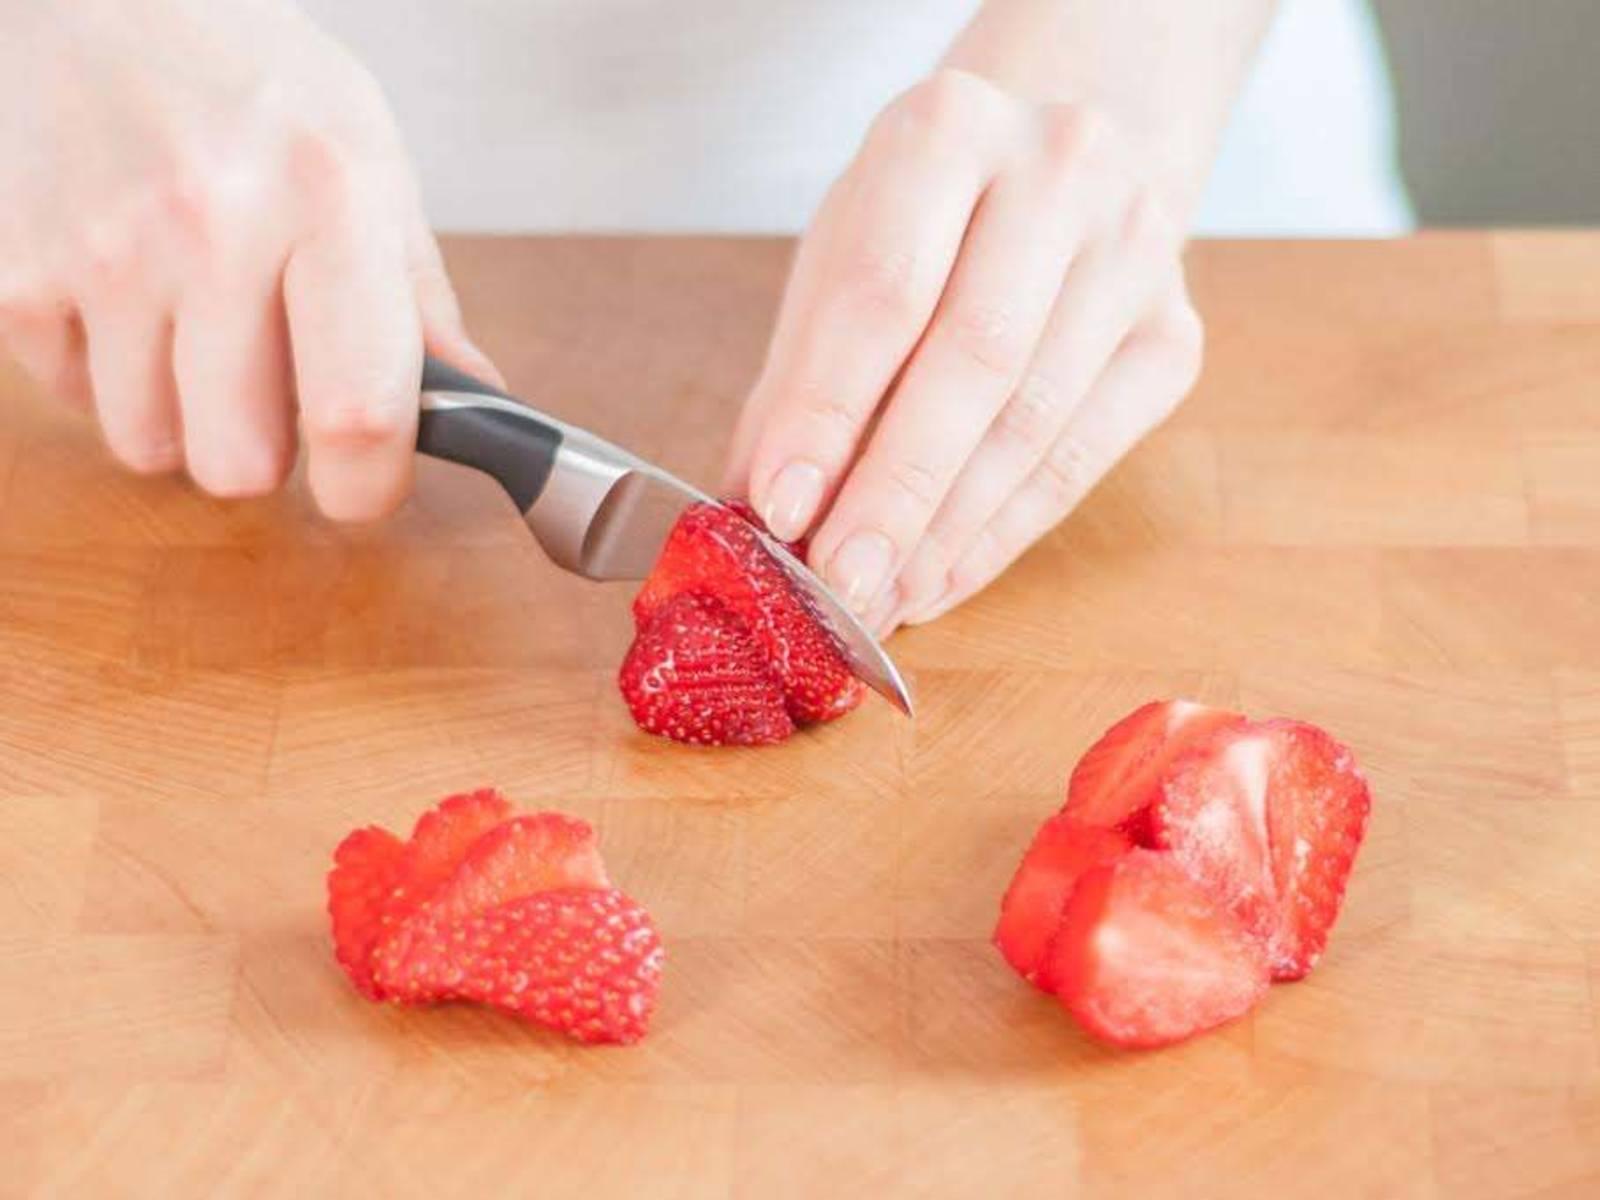 将烤箱预热至190℃。在烤盘里铺上烘焙纸。将500克草莓切半,摘去顶部叶片,然后放到一个大碗中。将剩余的草莓切片,放到另一个碗中。